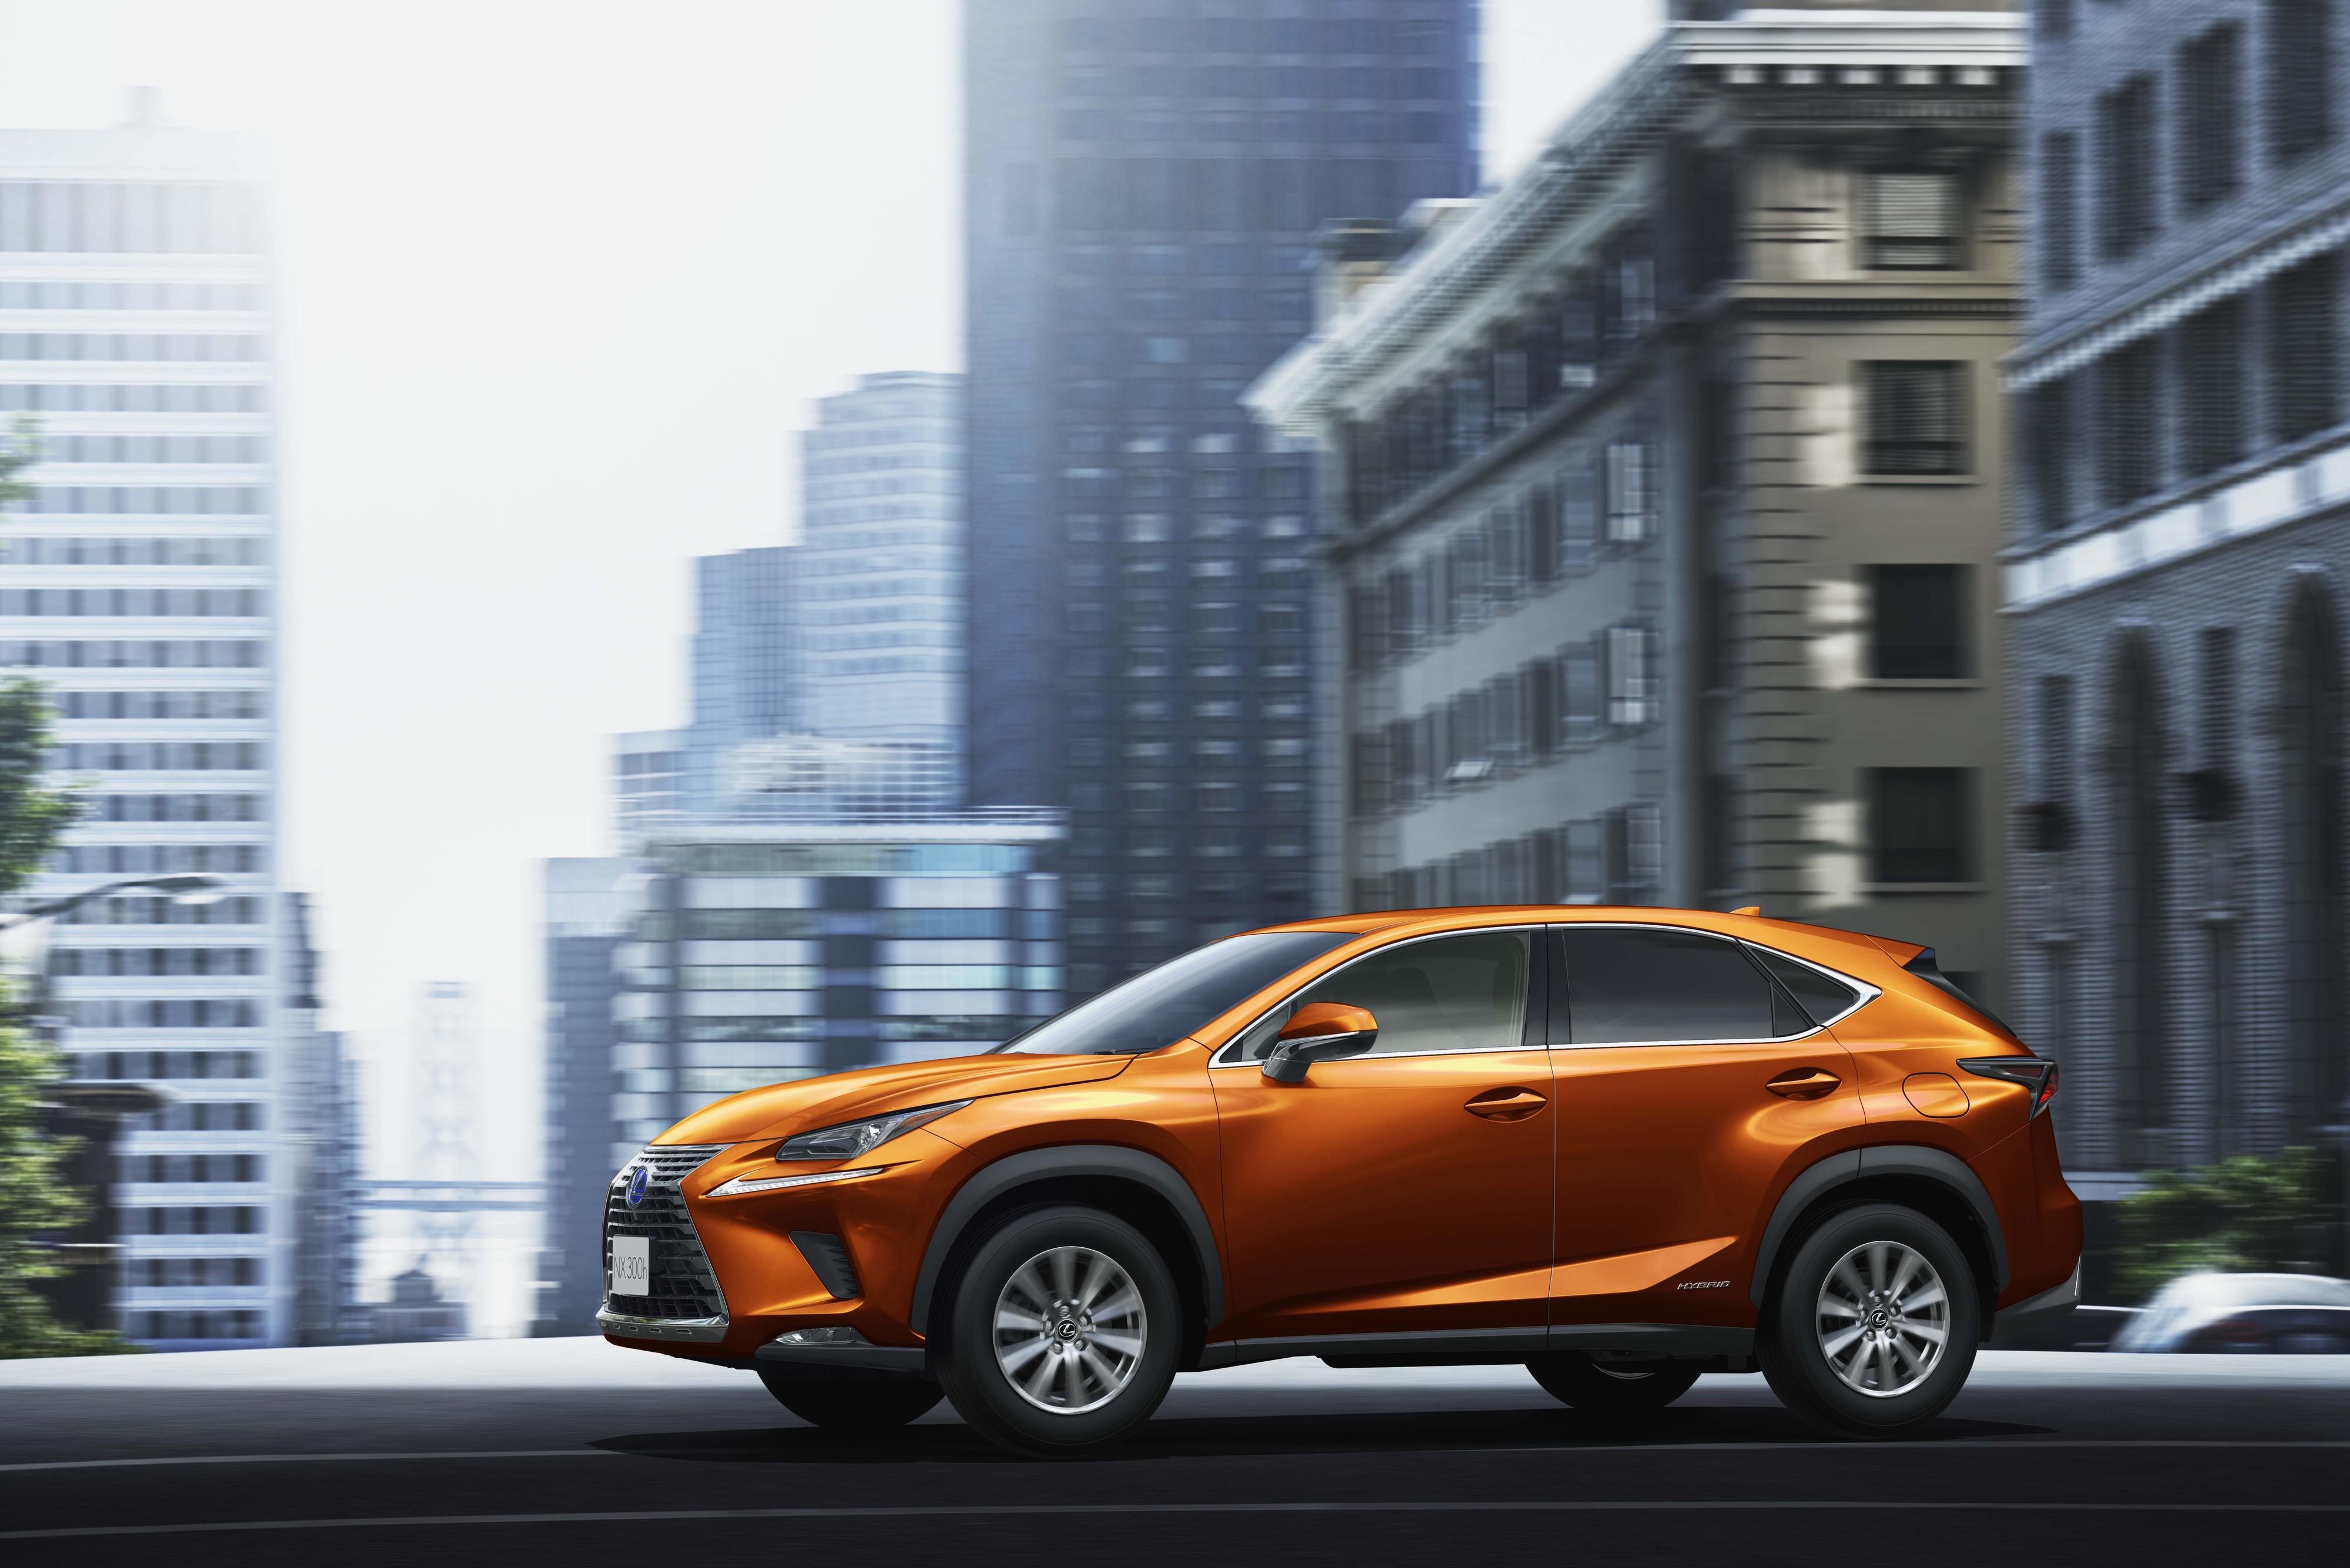 lexus japan offers 2020 nx crossover in cadmium orange